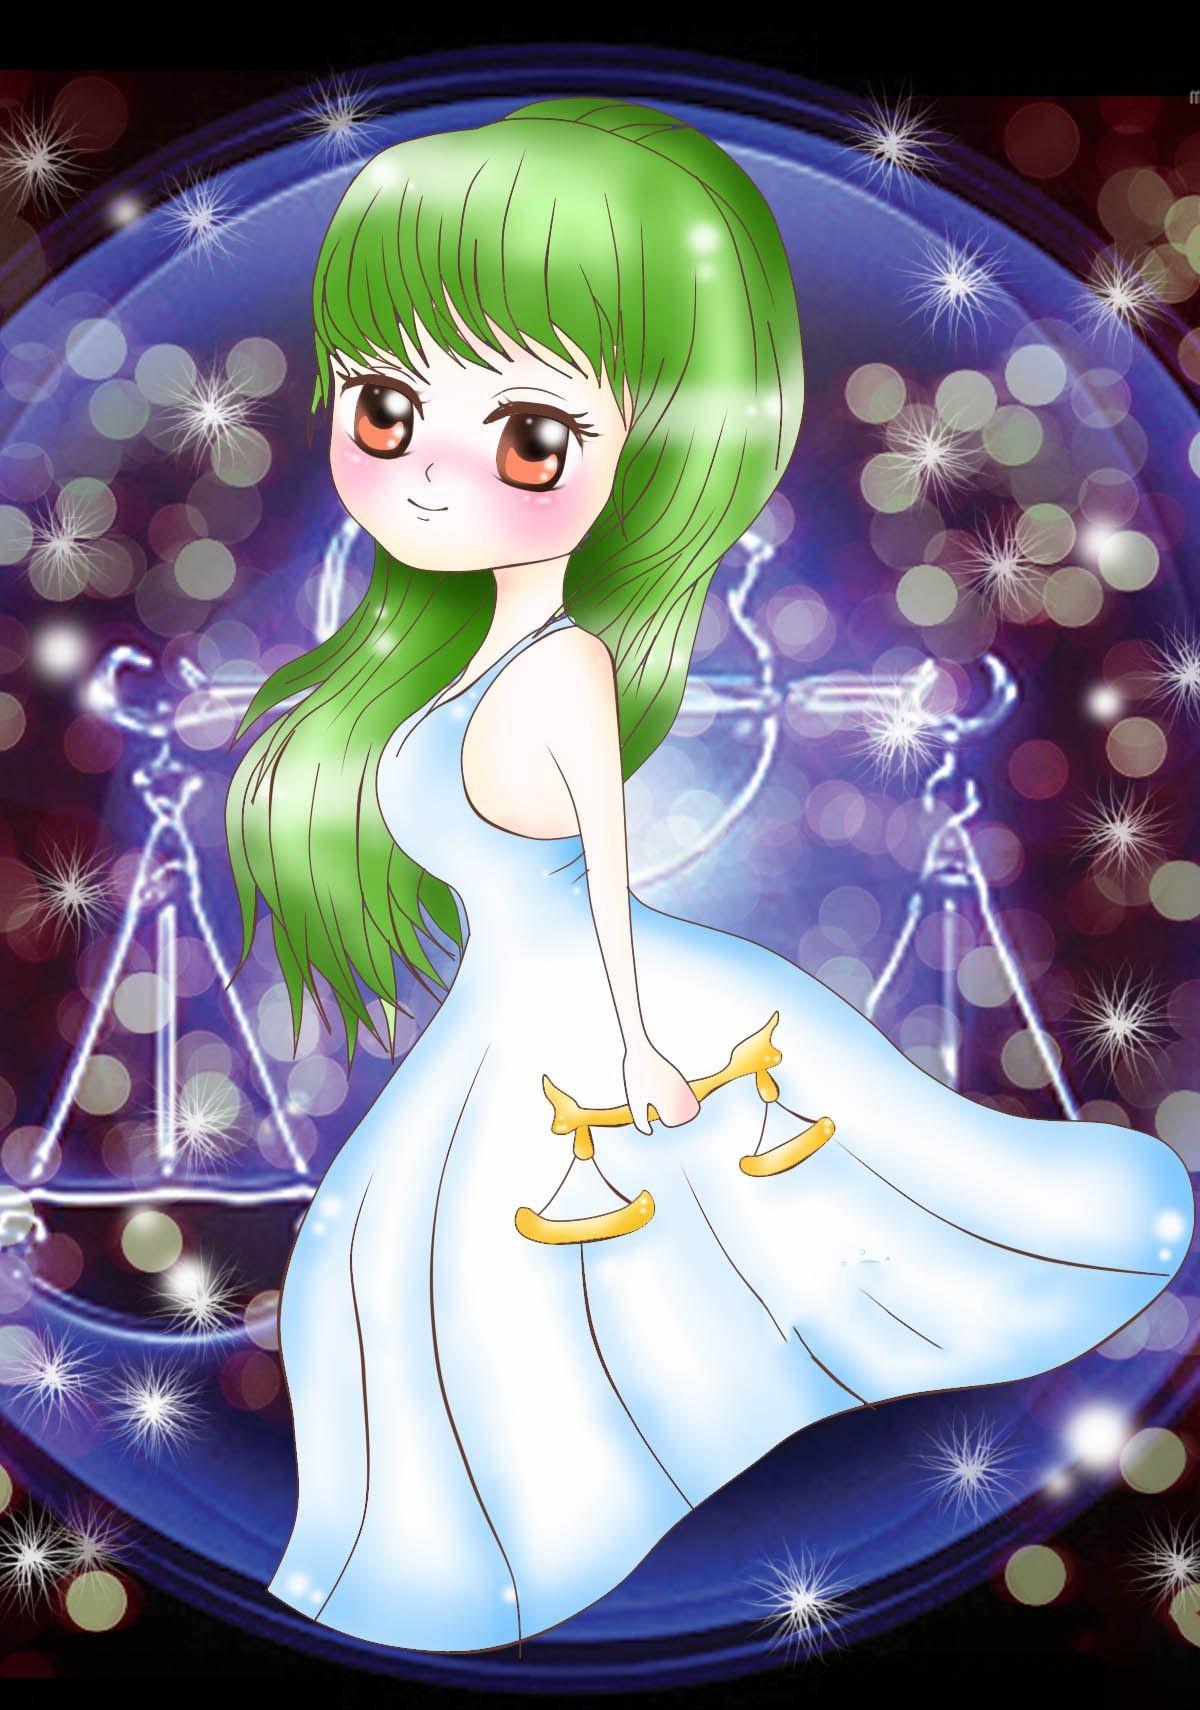 Hình ảnh cung Thiên Bình anime chibi